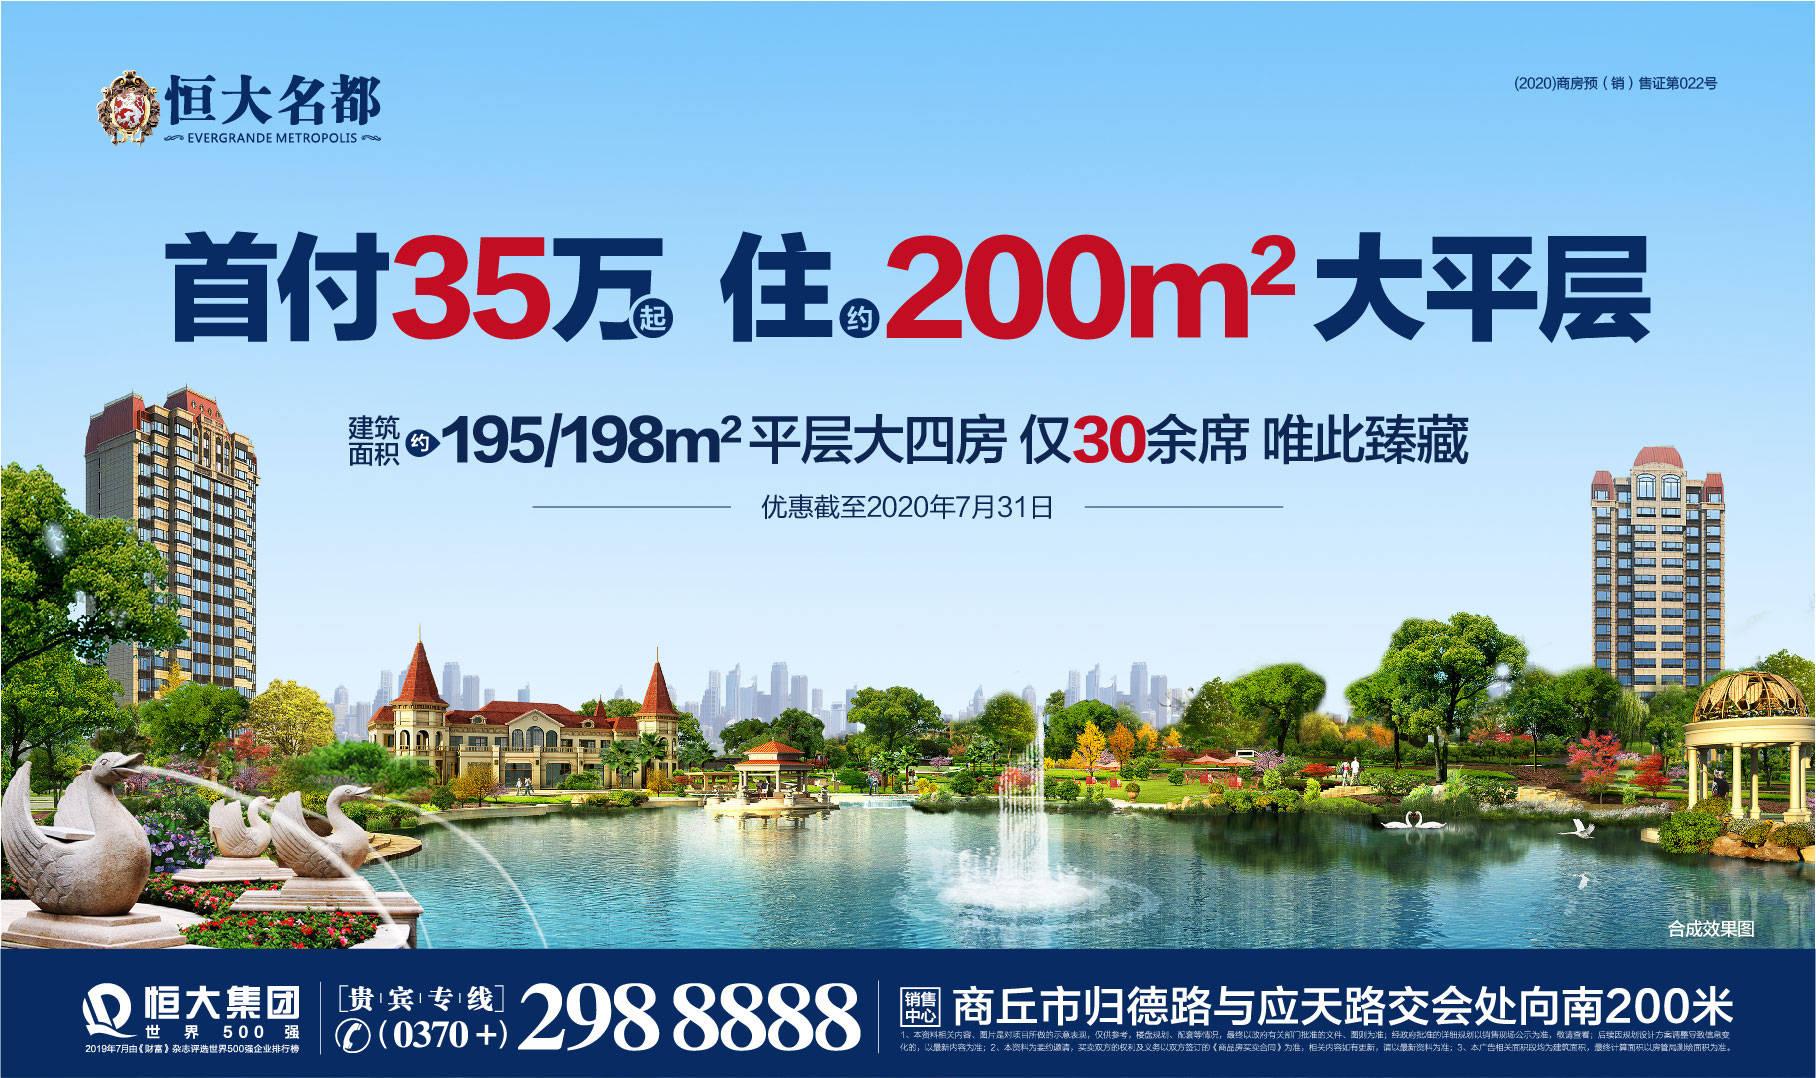 临潼gdp_河南此县级市不容小觑,经济相当于0.3个商丘,紧追新郑市